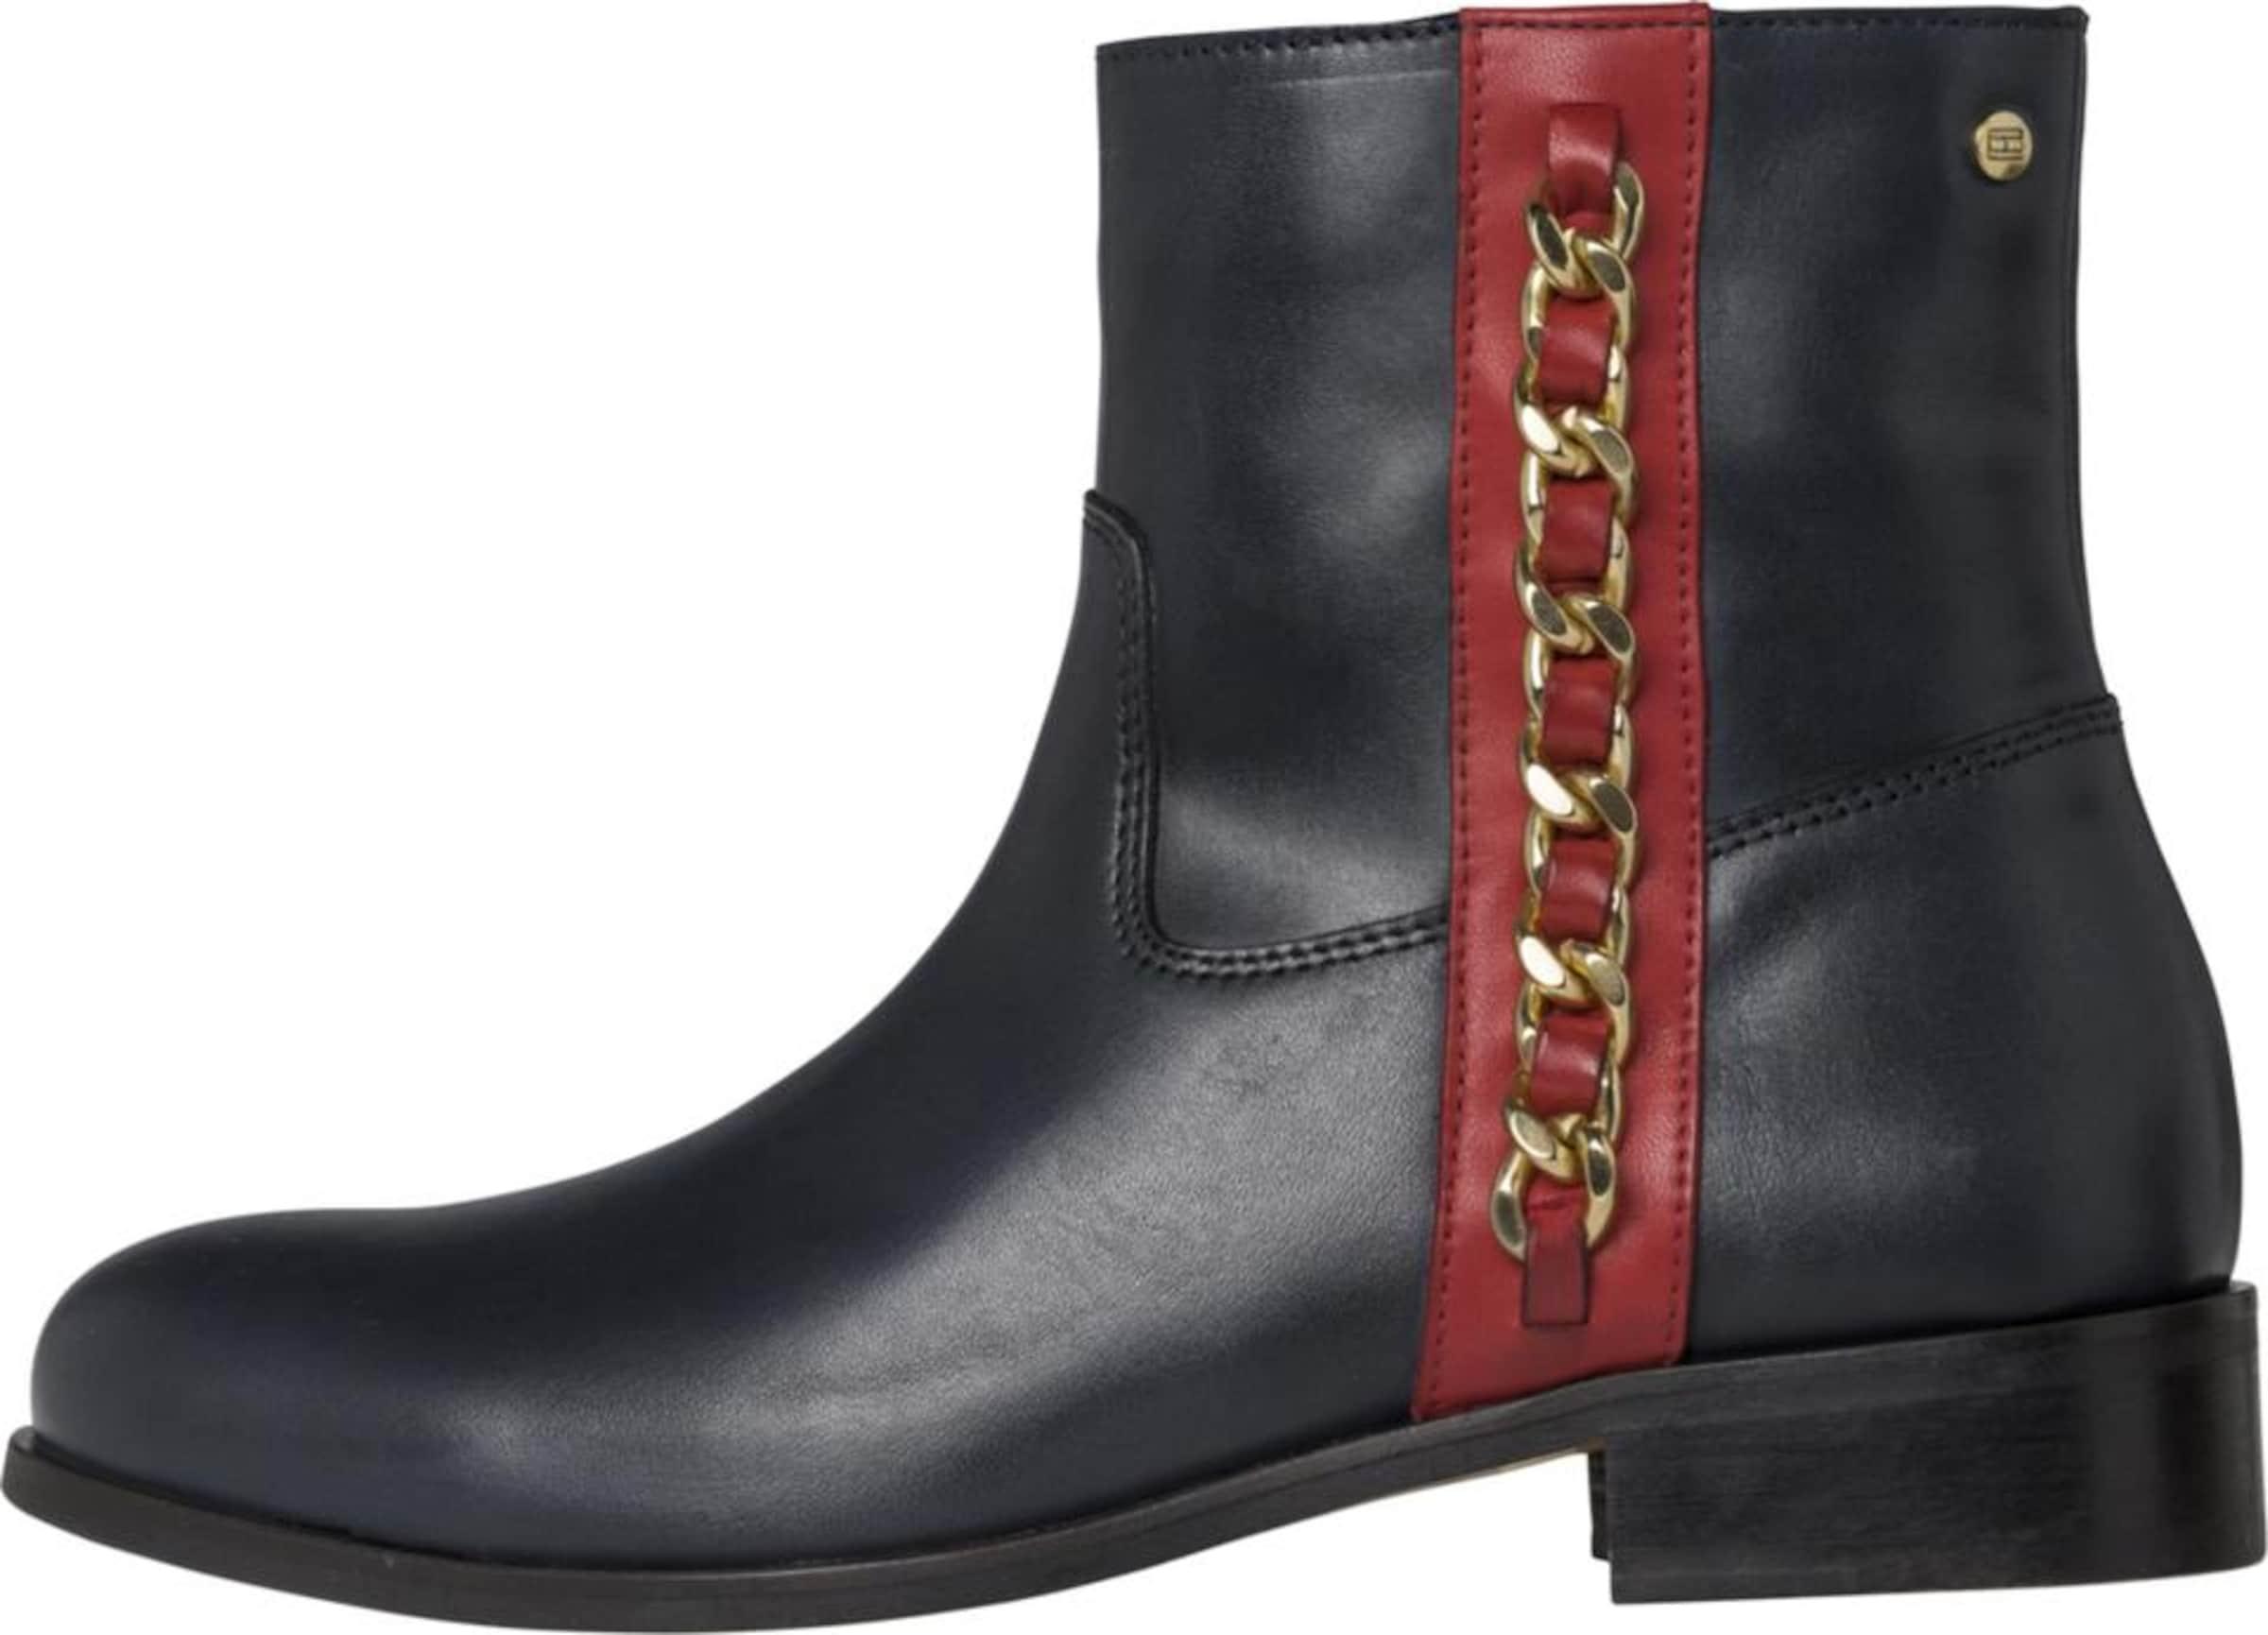 TOMMY HILFIGER Boots Verschleißfeste billige Schuhe